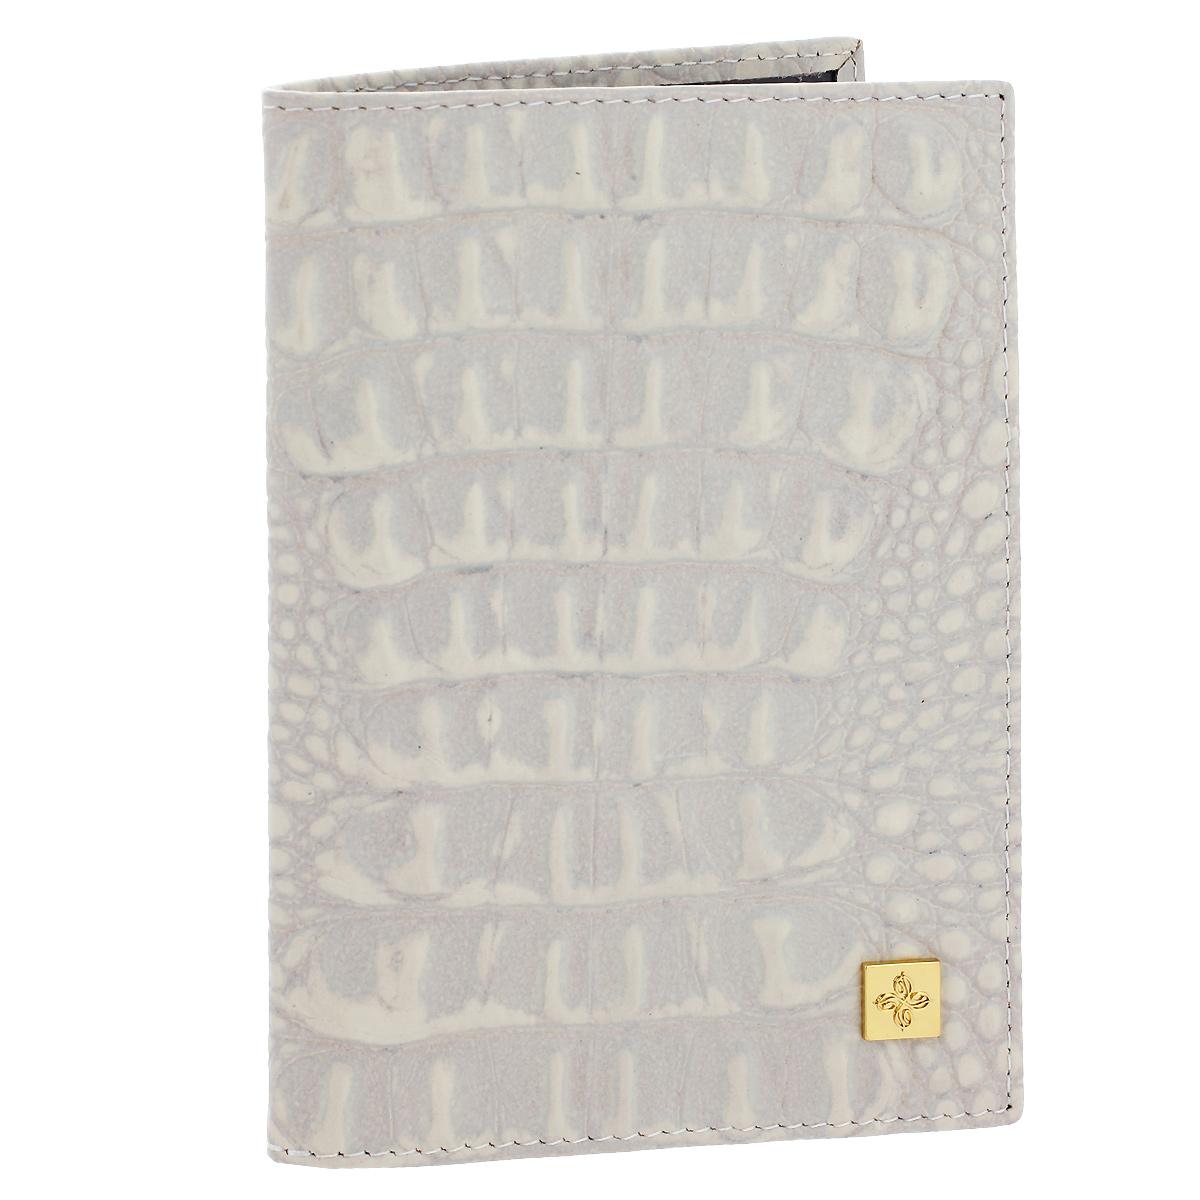 Обложка для паспорта Dimanche Baileys, цвет: светло-бежевый. 860Натуральная кожаОбложка для паспорта Baileys выполнена из натуральной кожи с декоративным тиснением под крокодила. На внутреннем развороте - два кармашка из прозрачного пластика.Обложка не только поможет сохранить внешний вид ваших документов и защитит их от повреждений, но и станет стильным аксессуаром, который подчеркнет ваш неповторимый стиль.Обложка упакована в коробку из плотного картона с логотипом фирмы. Характеристики:Материал: натуральная кожа, ПВХ. Цвет: светло-бежевый. Размер обложки: 9,5 см х 13,5 см х 1,5 см.